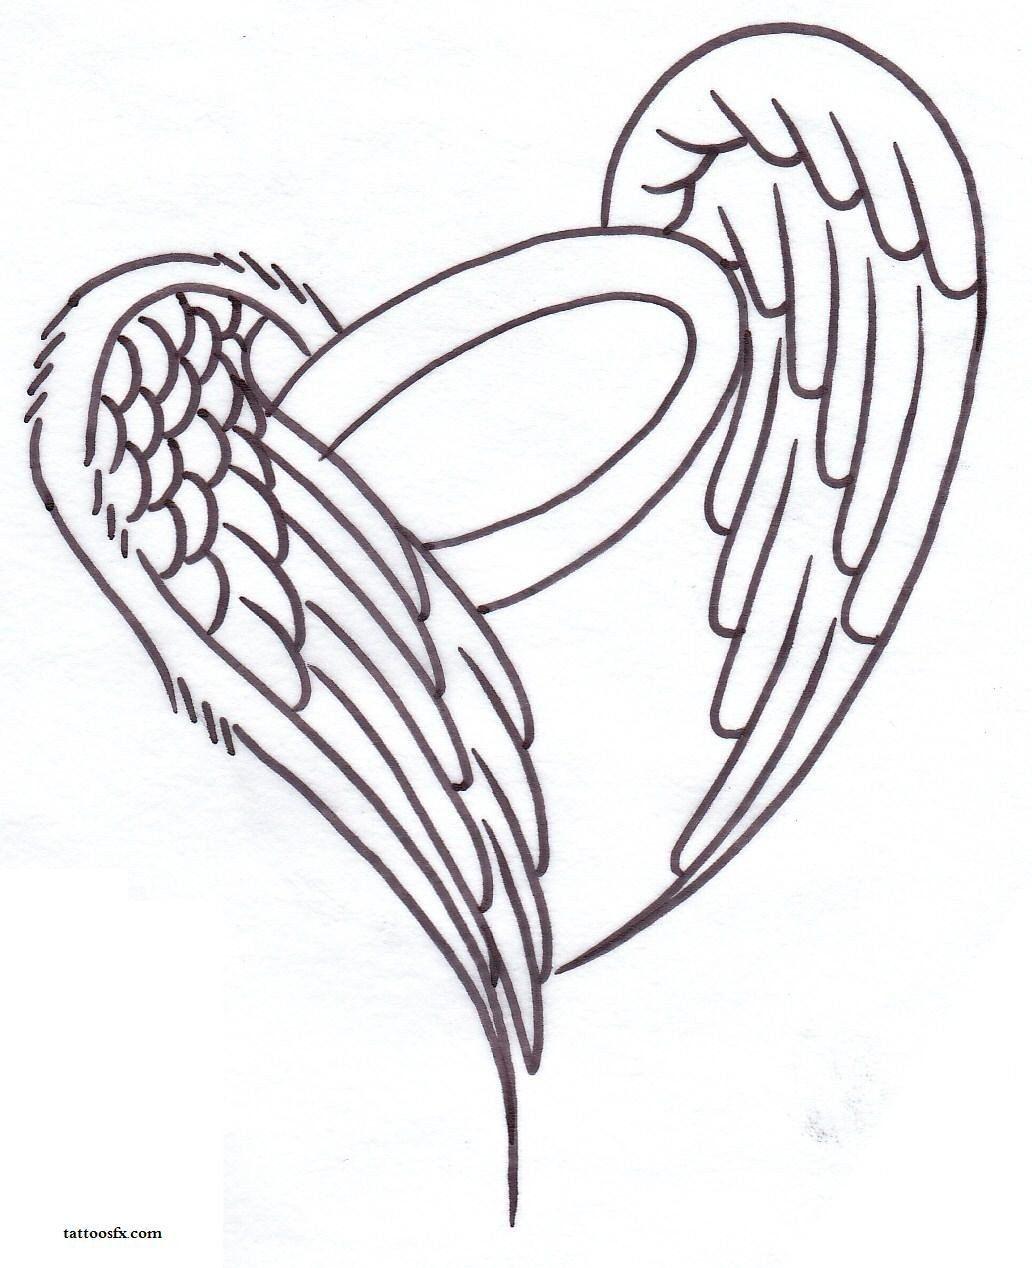 Angel Wings Coloring Page Simple Angel Wings Coloring Pages Clip Art Library Angel Coloring Pages Coloring Pages Nature Skull Coloring Pages